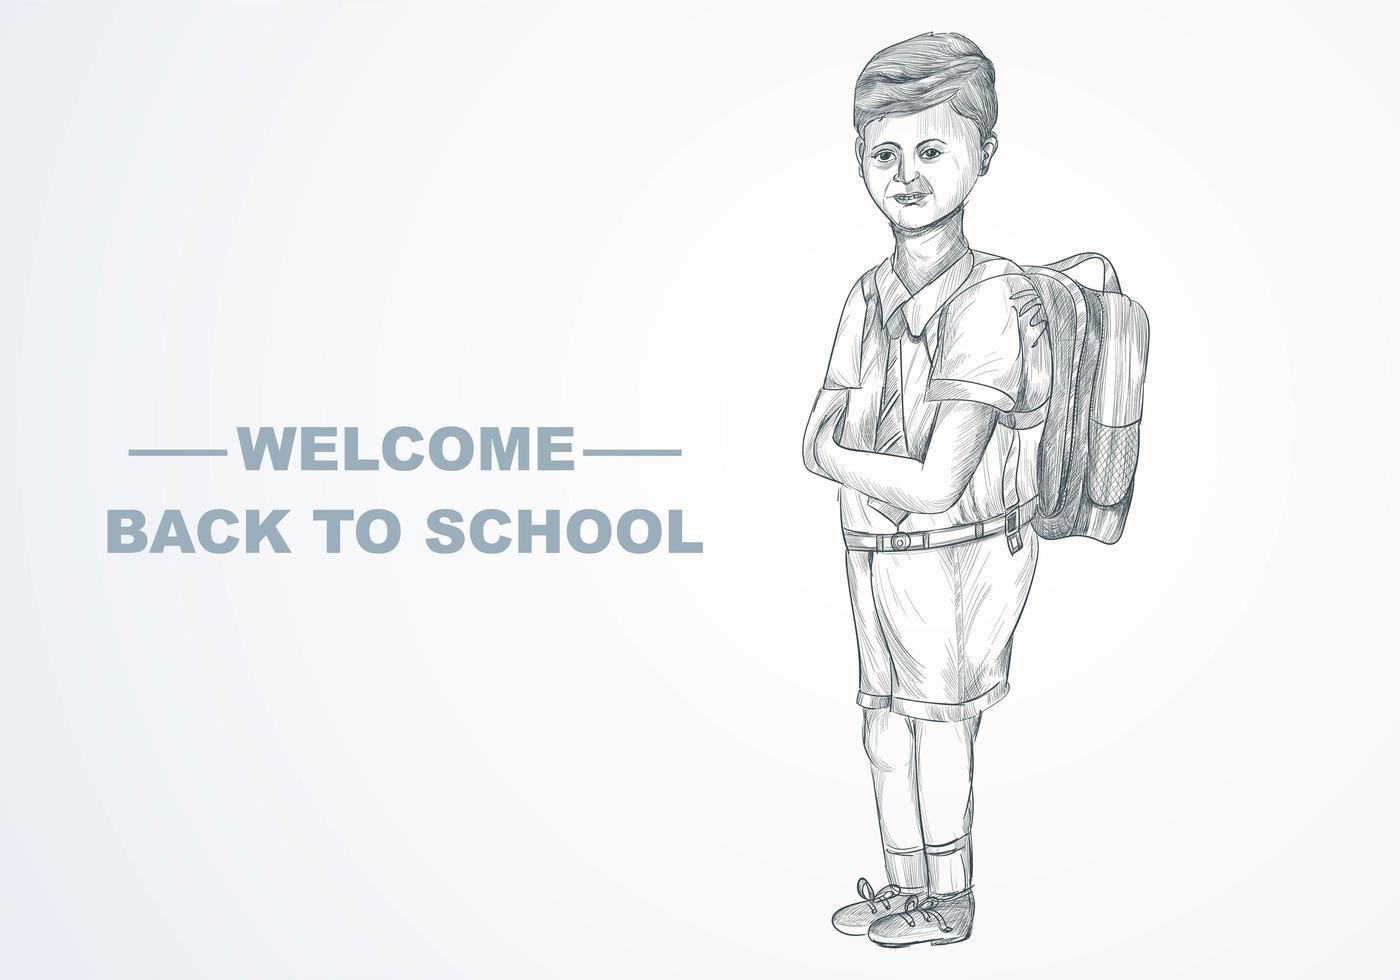 bambino di schizzo disegnato a mano con zaino di scuola con torna a scuola sfondo vettore